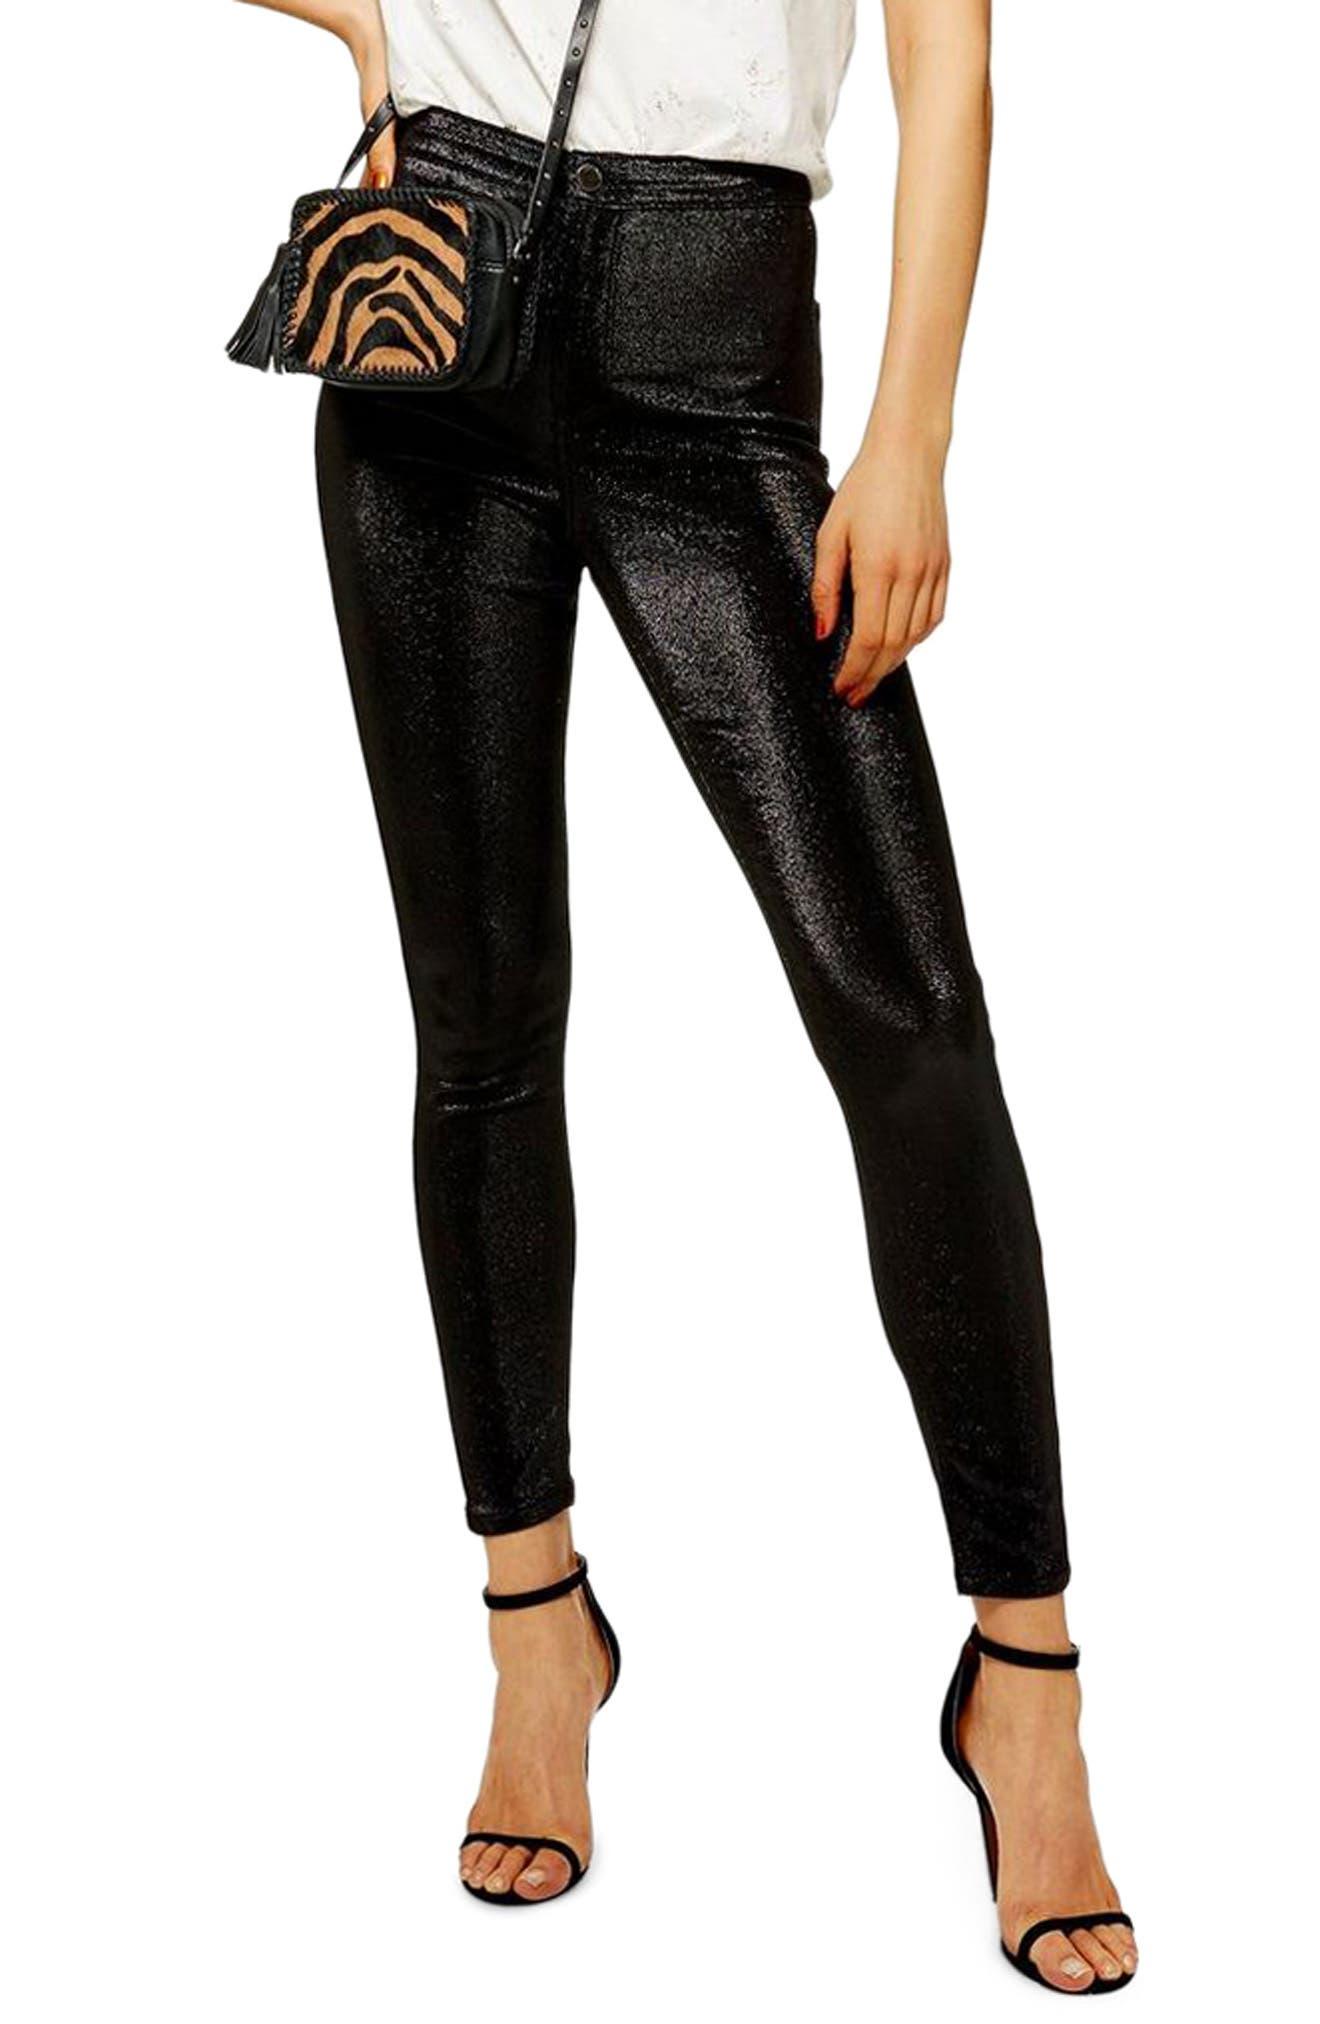 TOPSHOP, Joni Metallic Jeans, Main thumbnail 1, color, 001